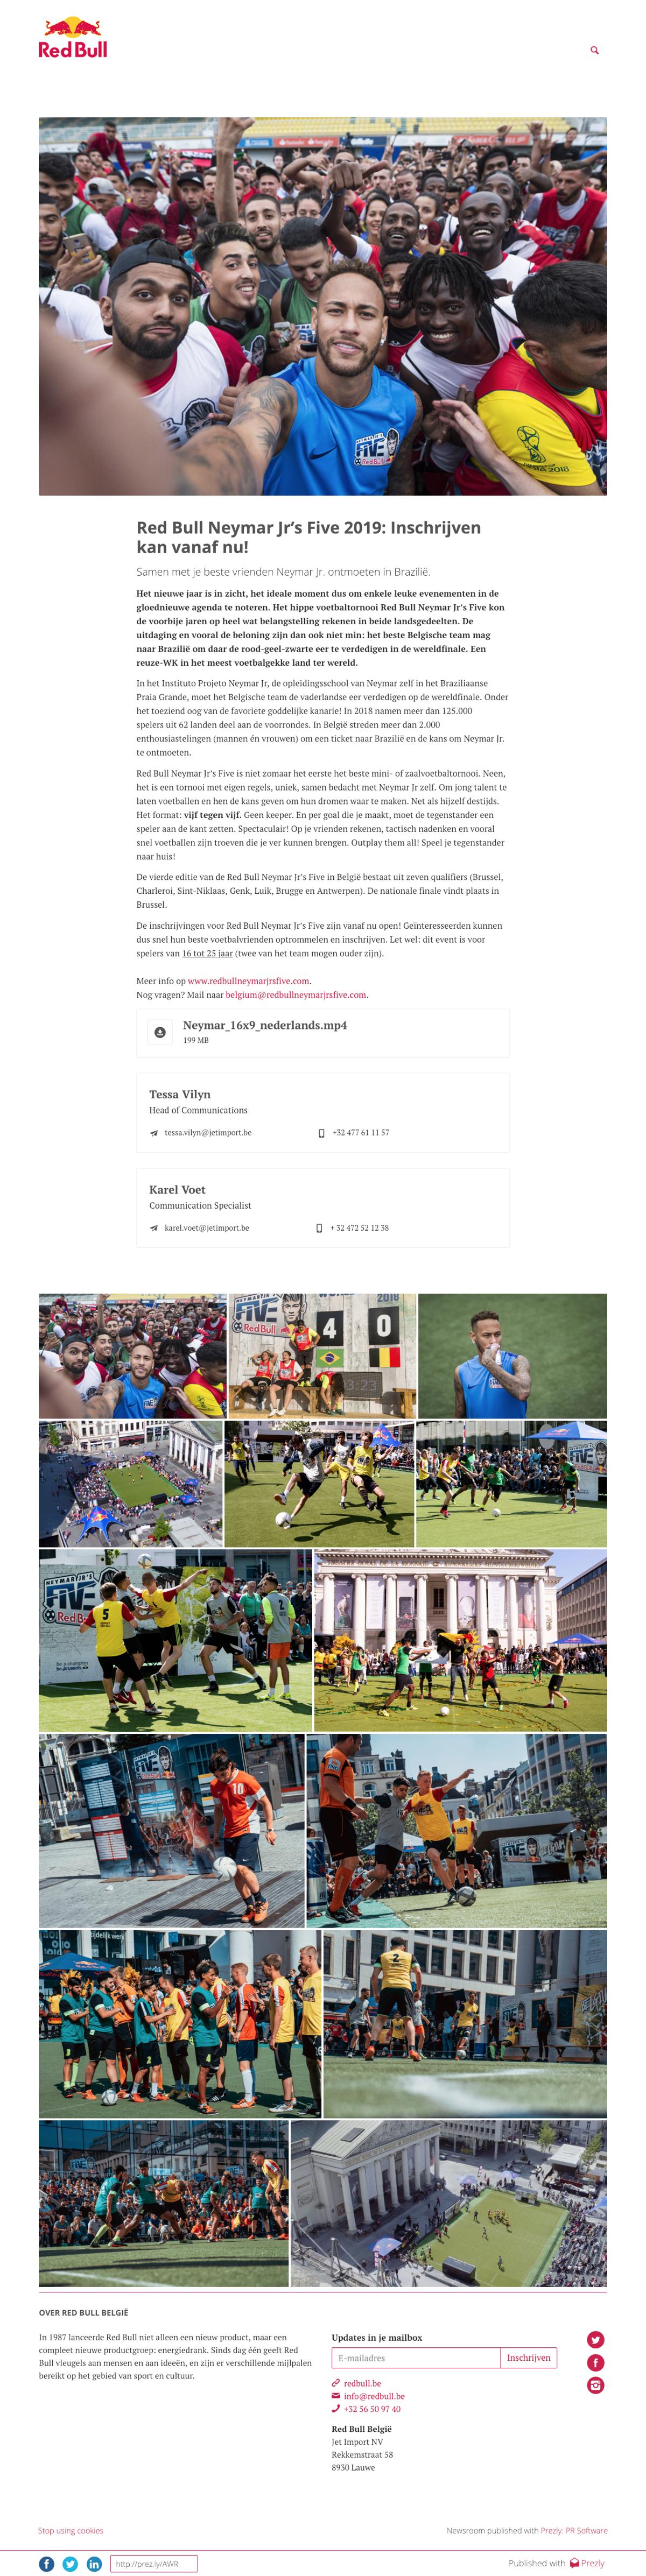 Red Bull Neymar Jr's Five 2019: Inschrijven kan vanaf nu!